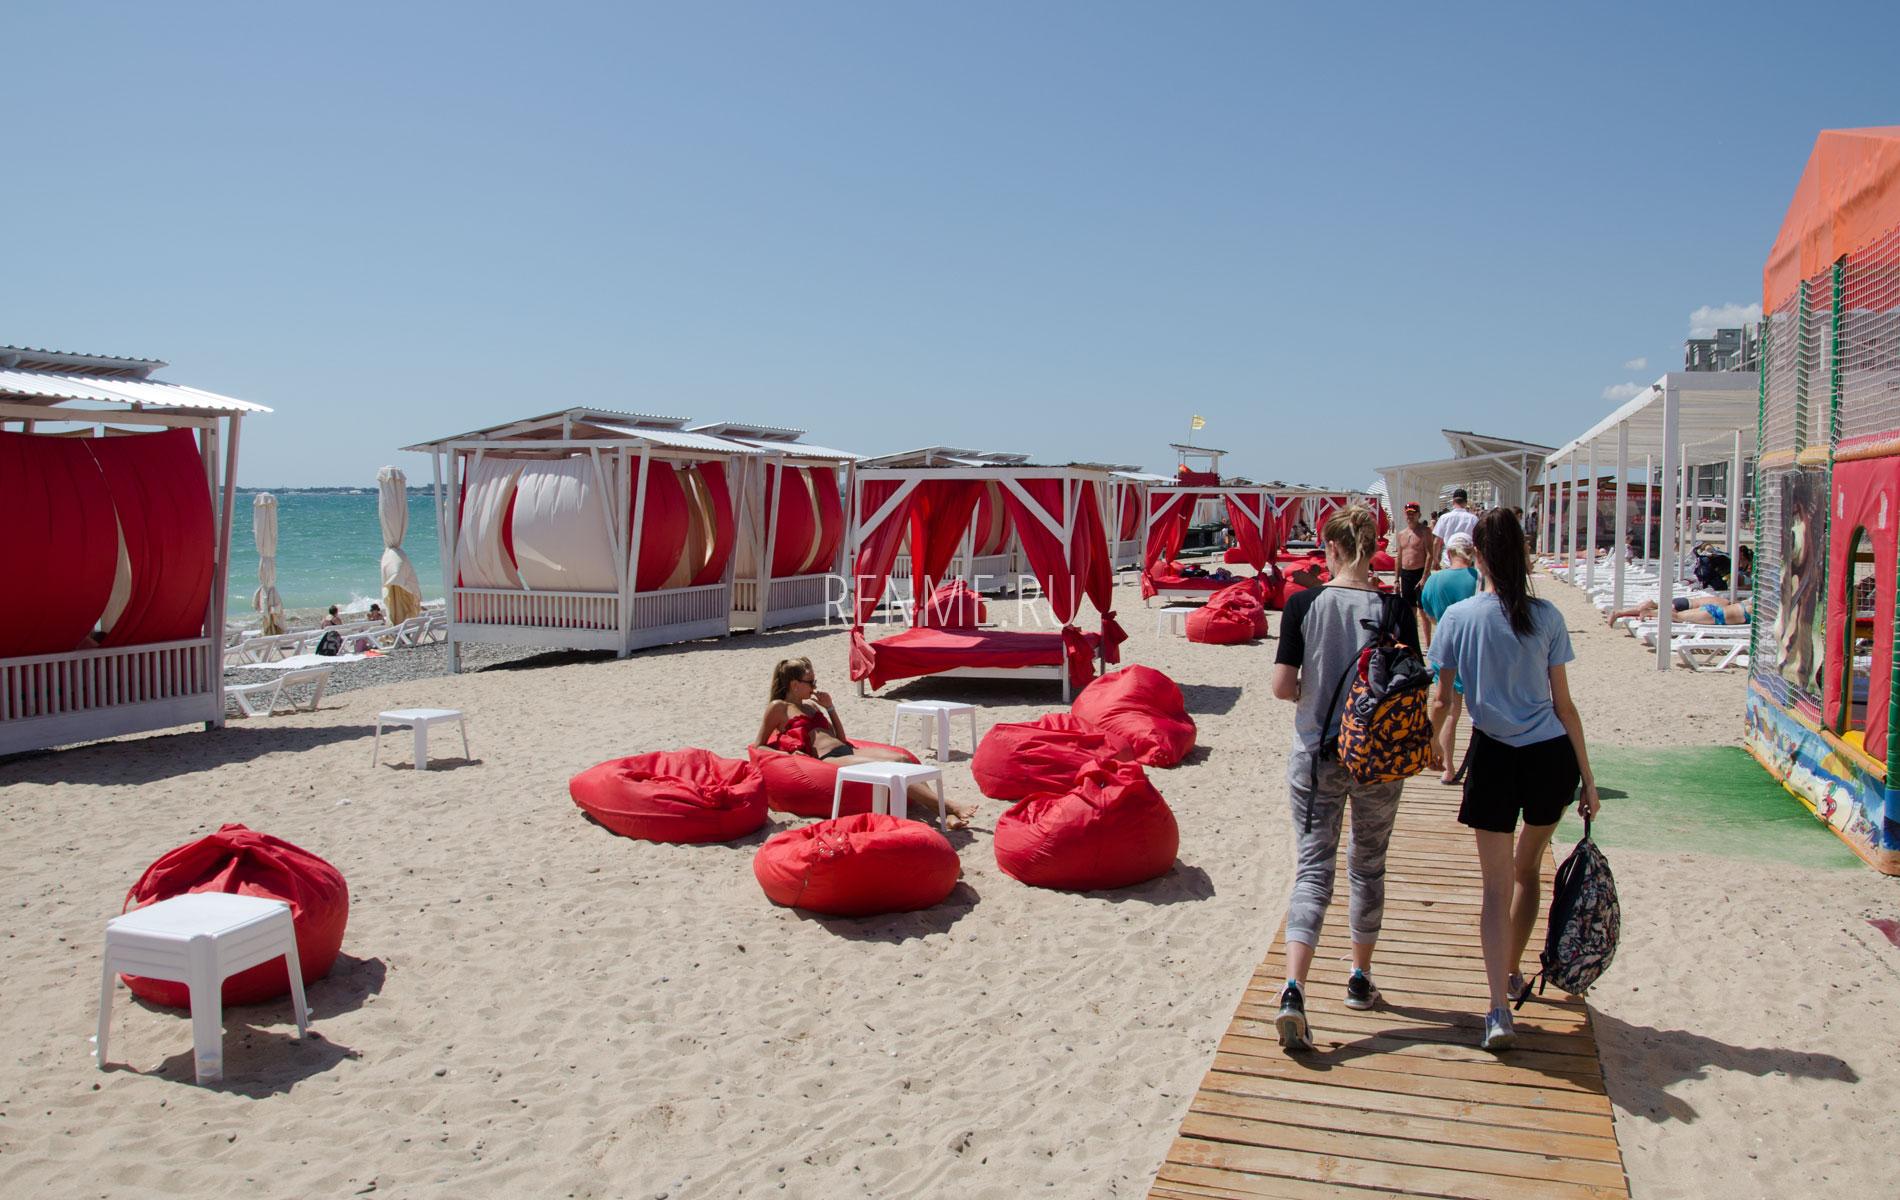 Оборудованный пляж в Крыму 2019. Фото Евпатории